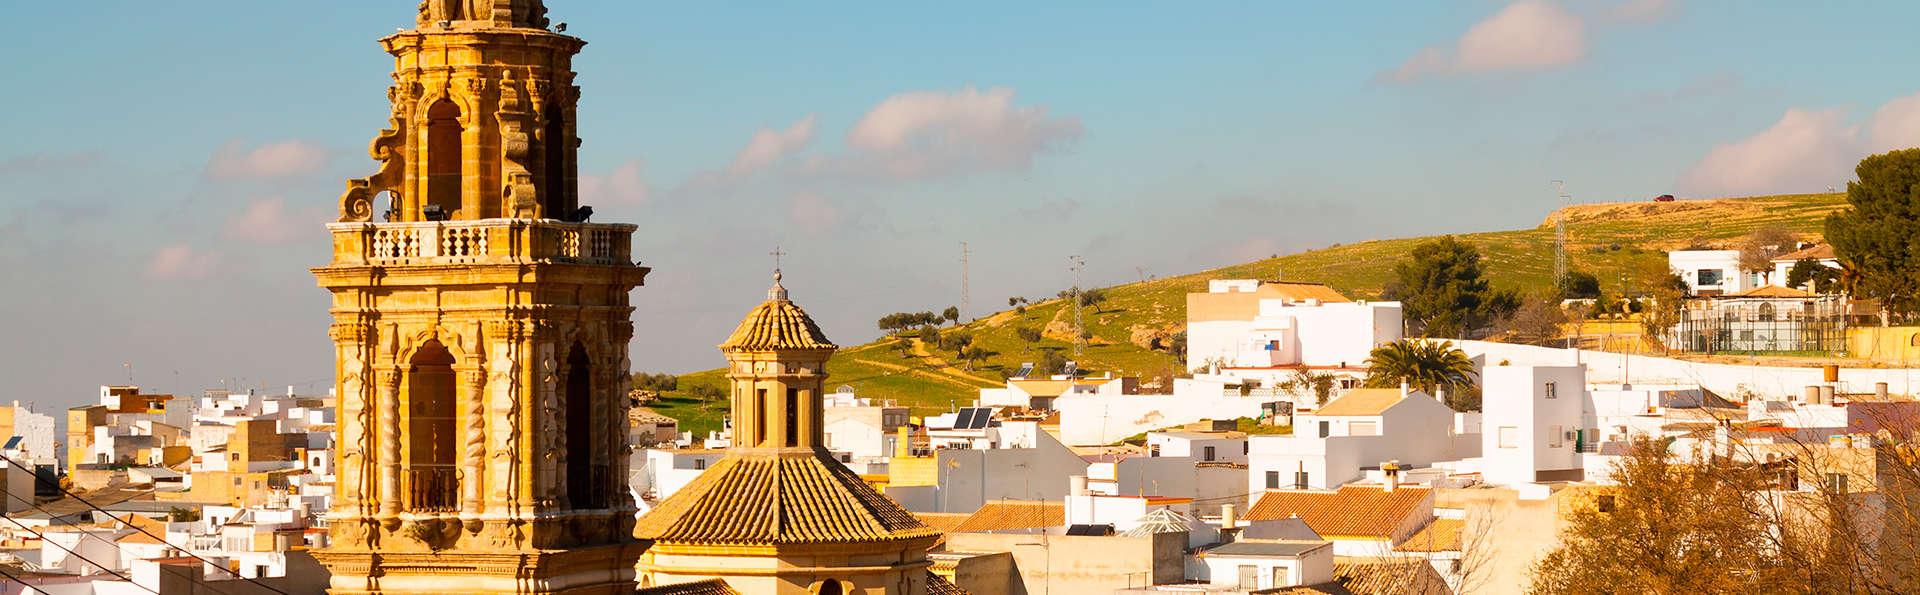 Hotel El Molino de Osuna - EDIT_destination1.jpg